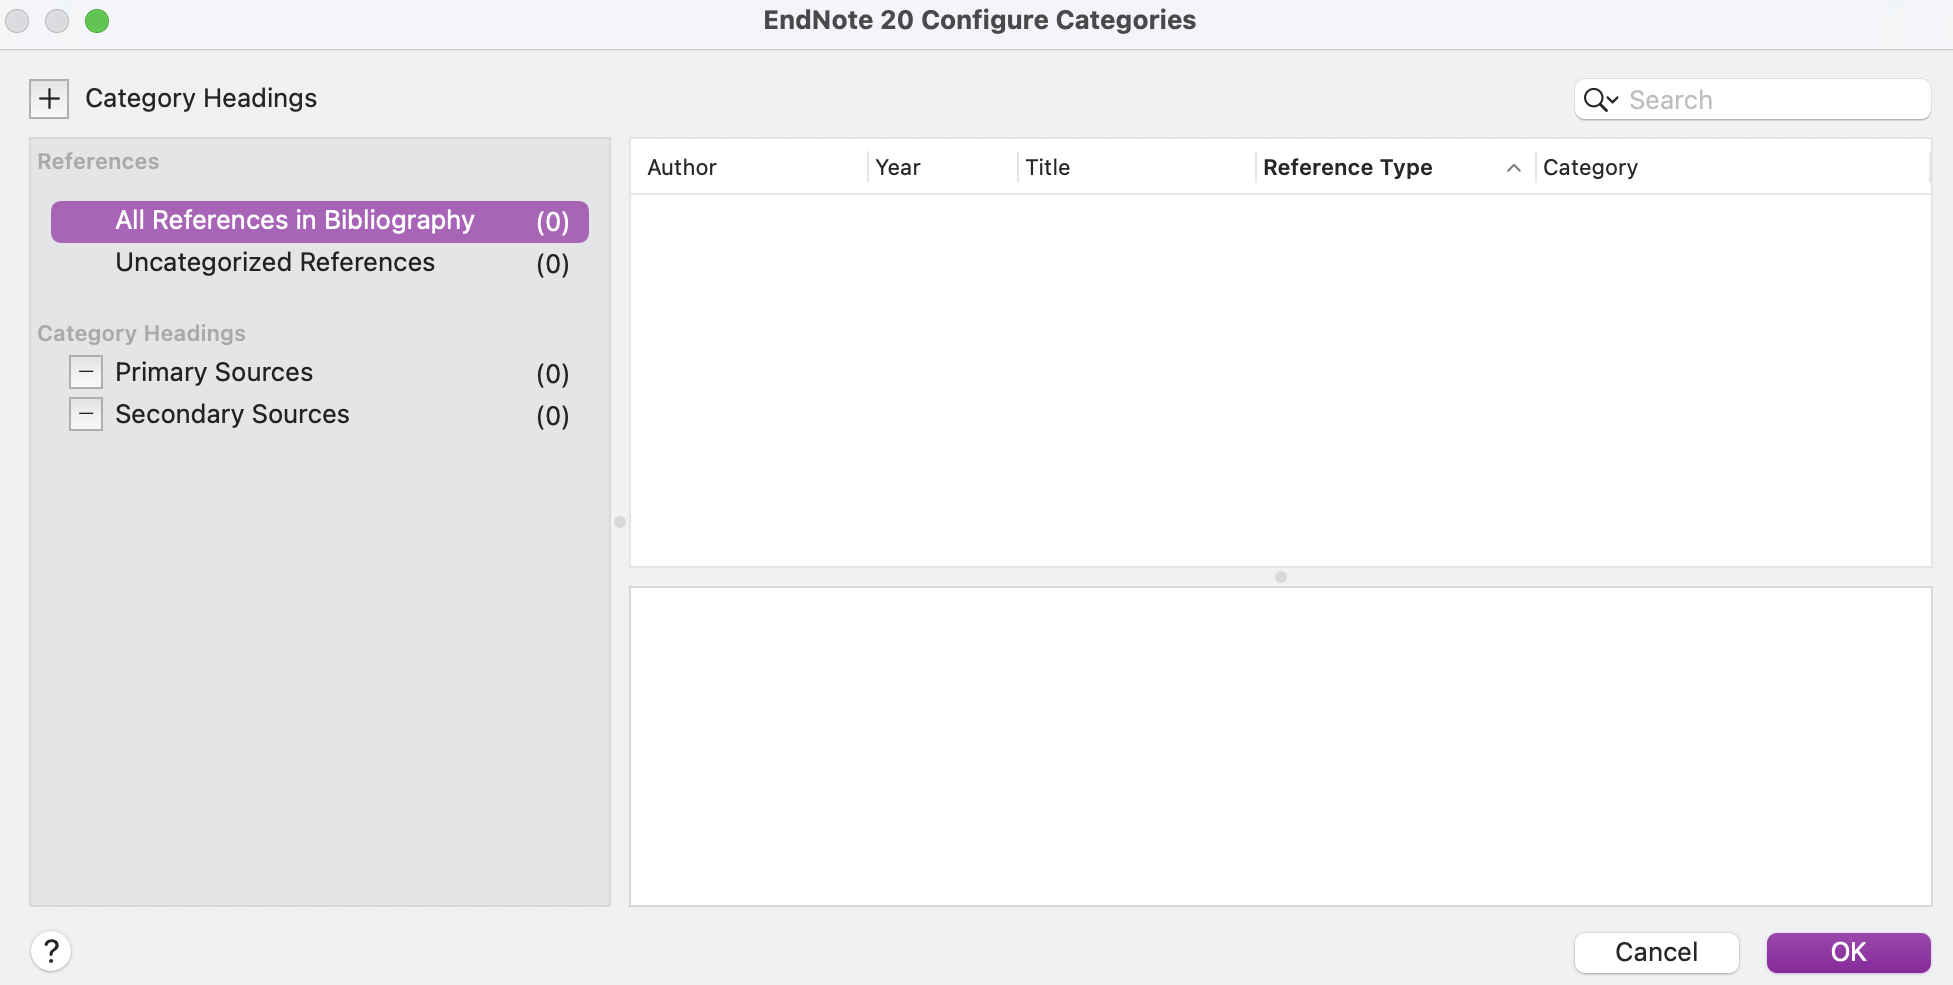 screenshot of Configure Categories popup window